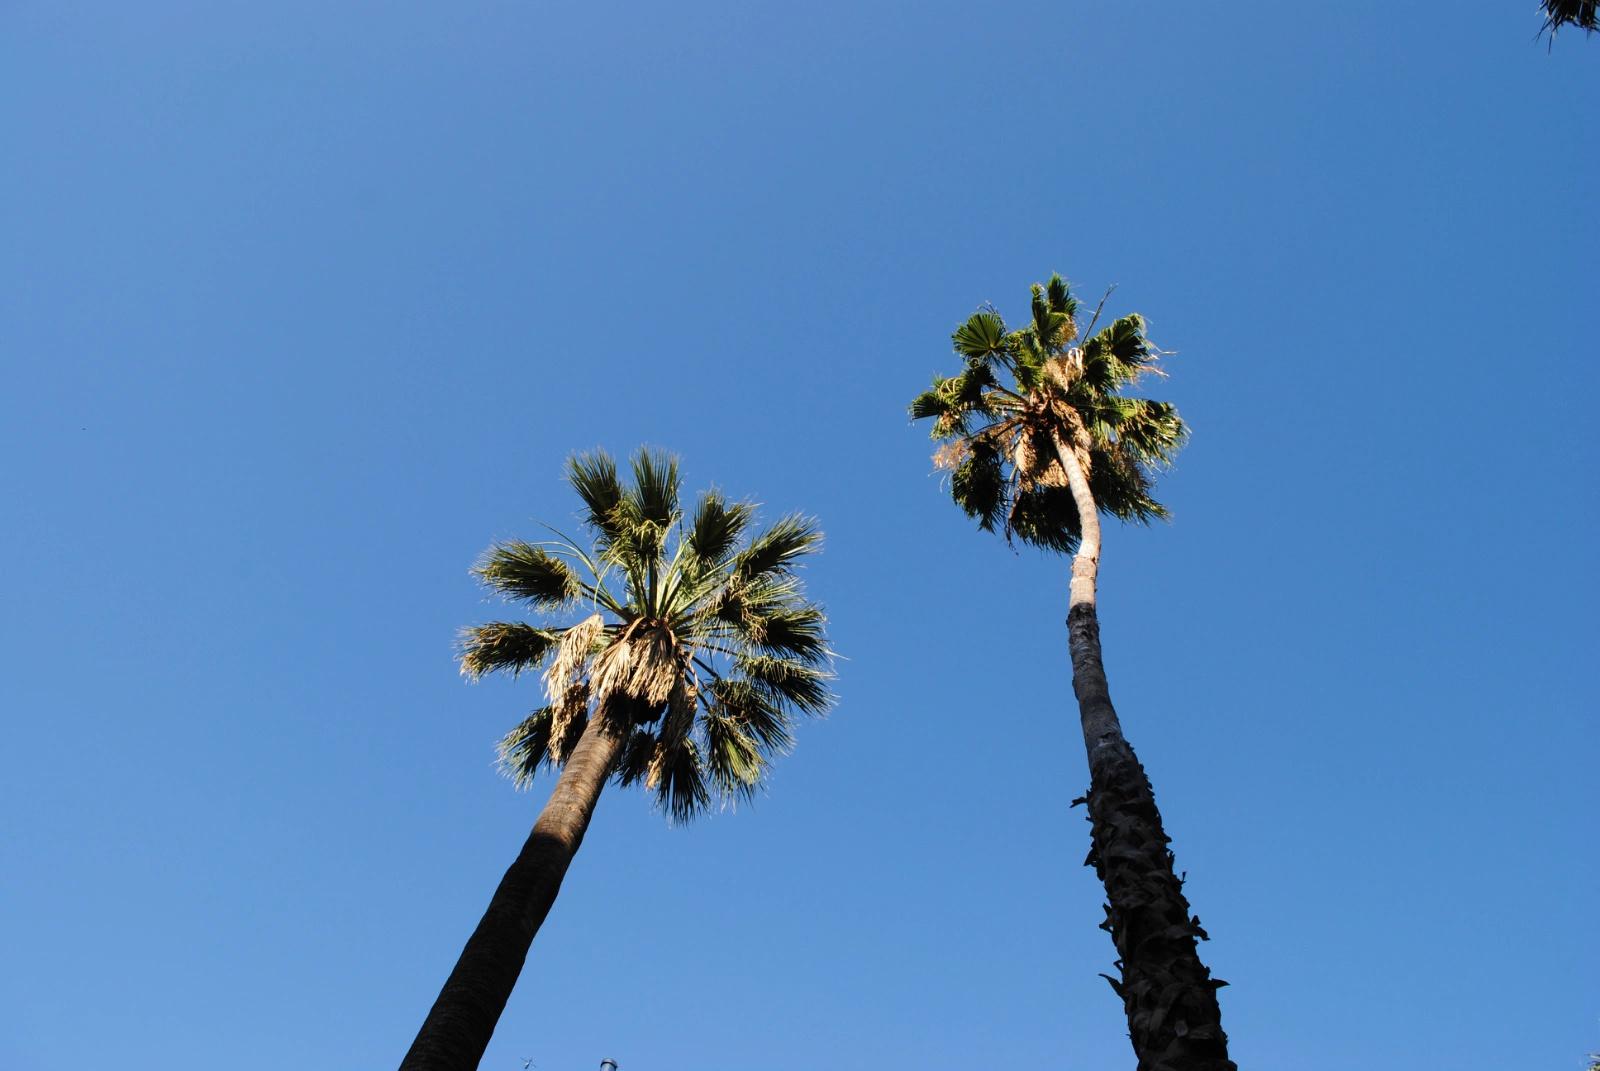 去往sfo的路上,大桥上的椰子树全部被梳成发髻状.